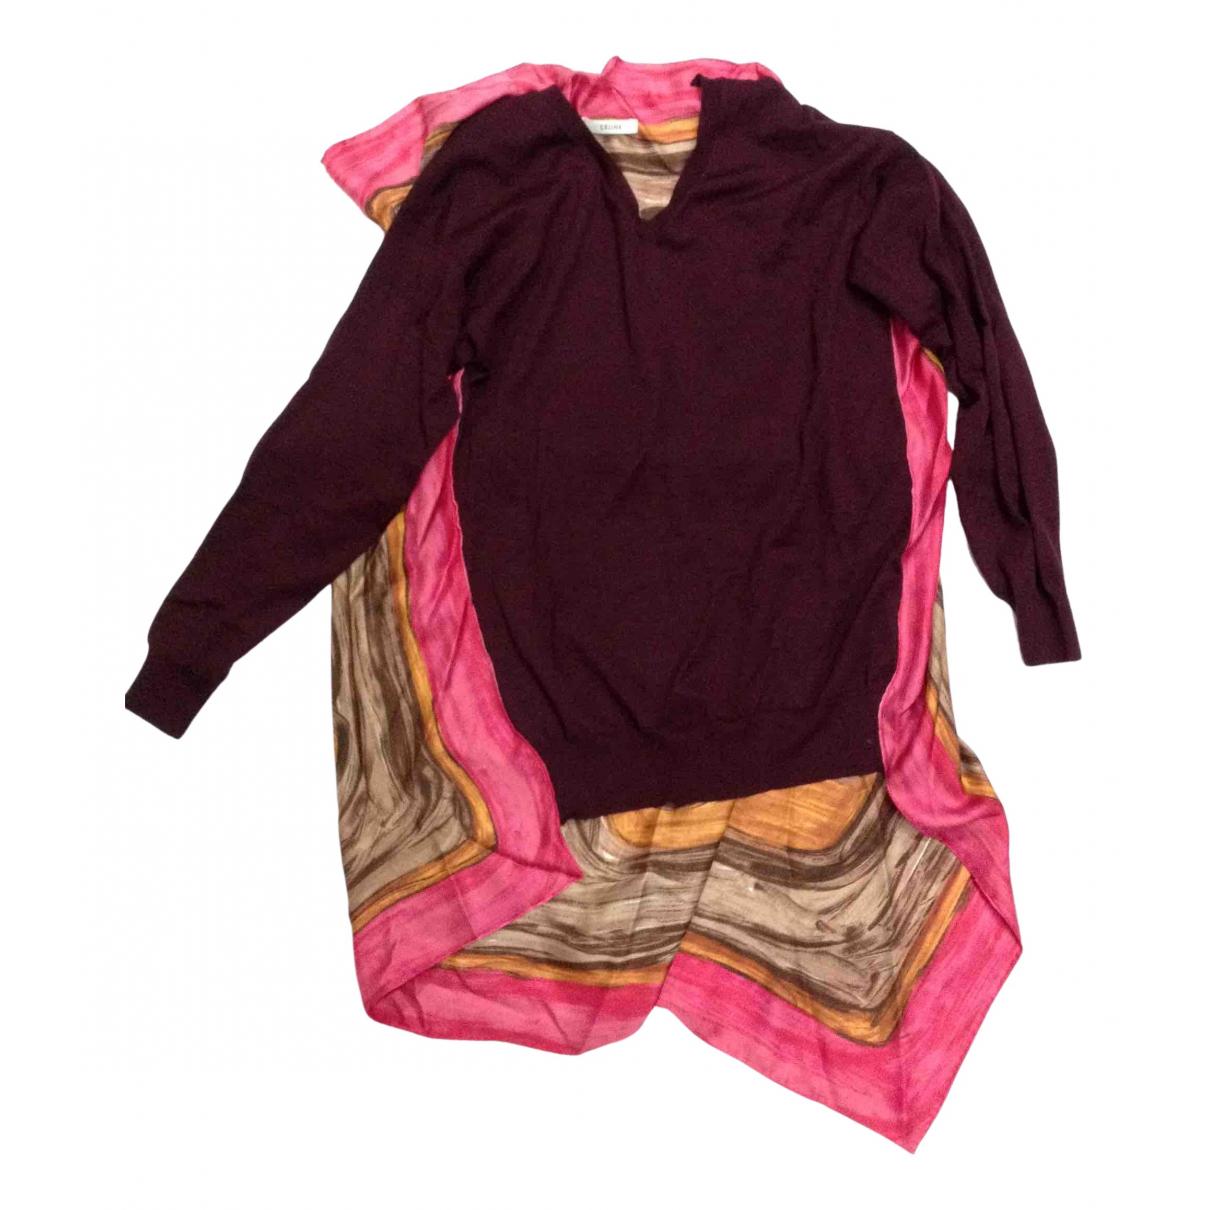 Celine - Pull   pour femme en laine - bordeaux